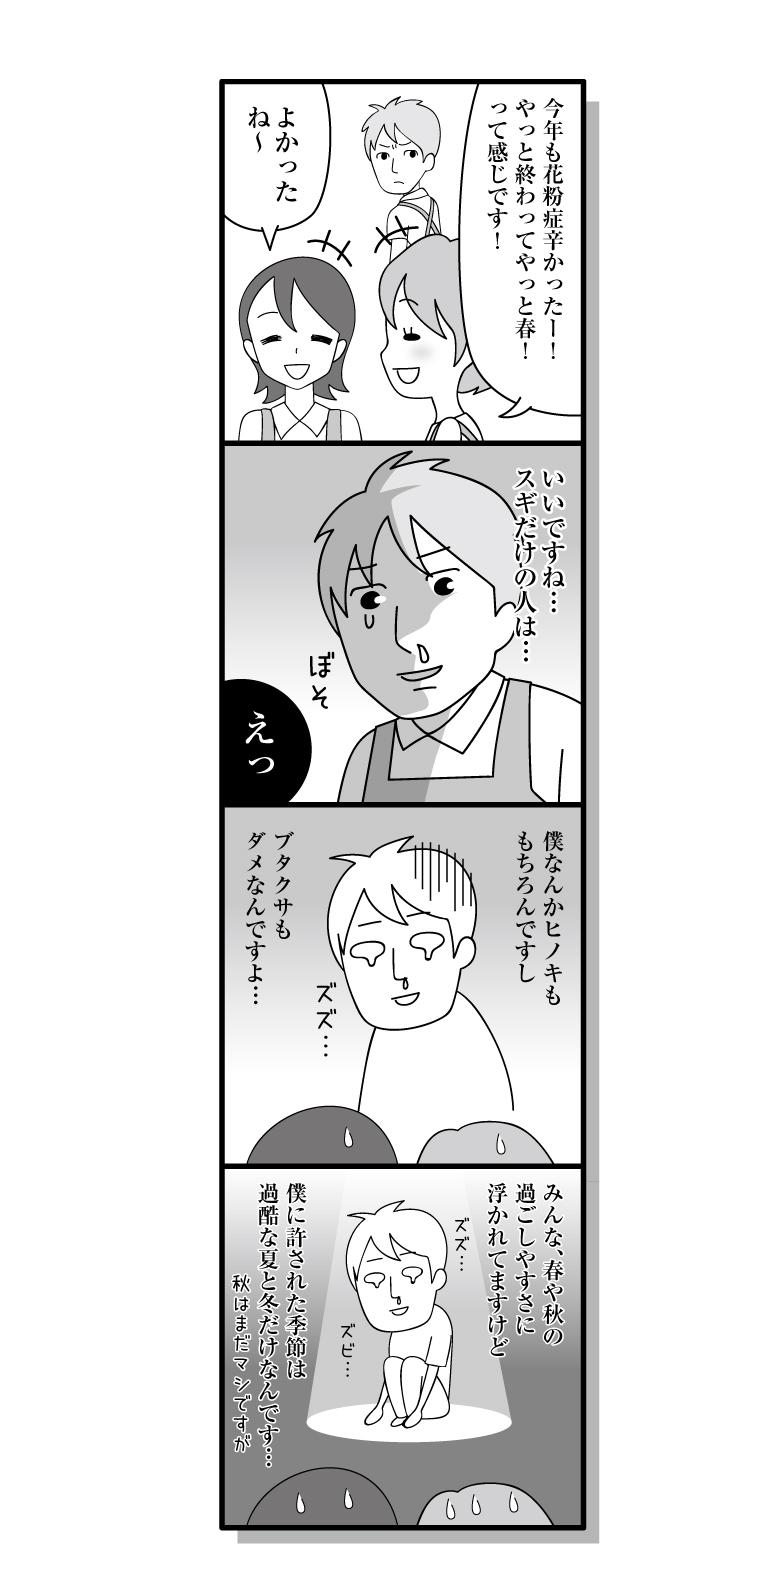 180421_manga